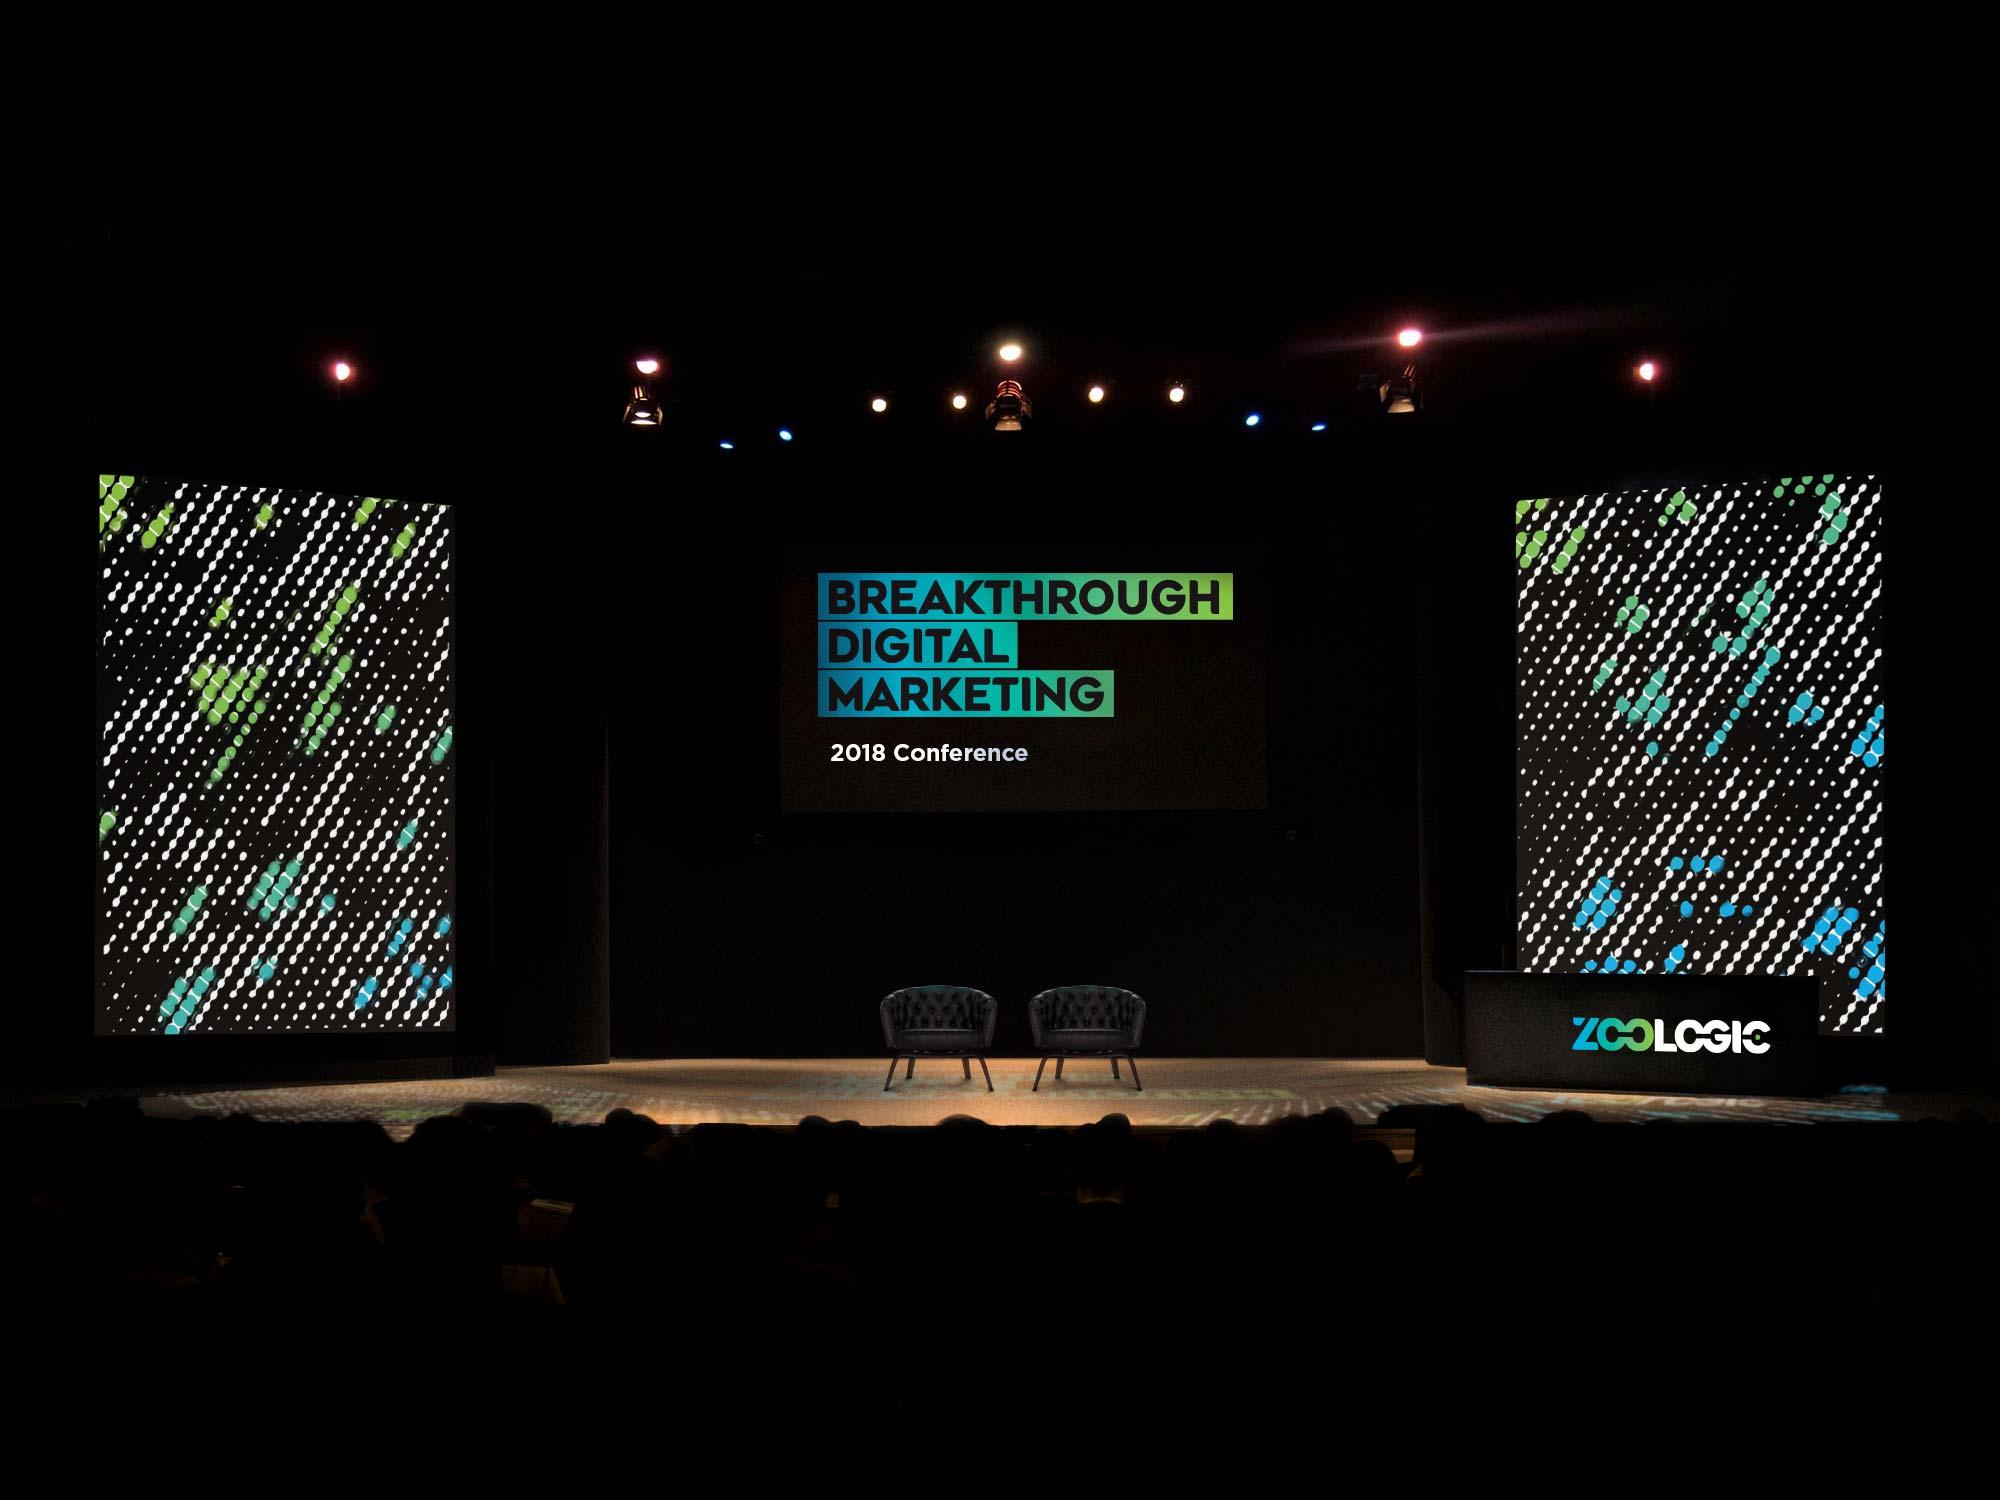 5a9e9021685169000102aacf_ZooLogic_Conference_2.jpg